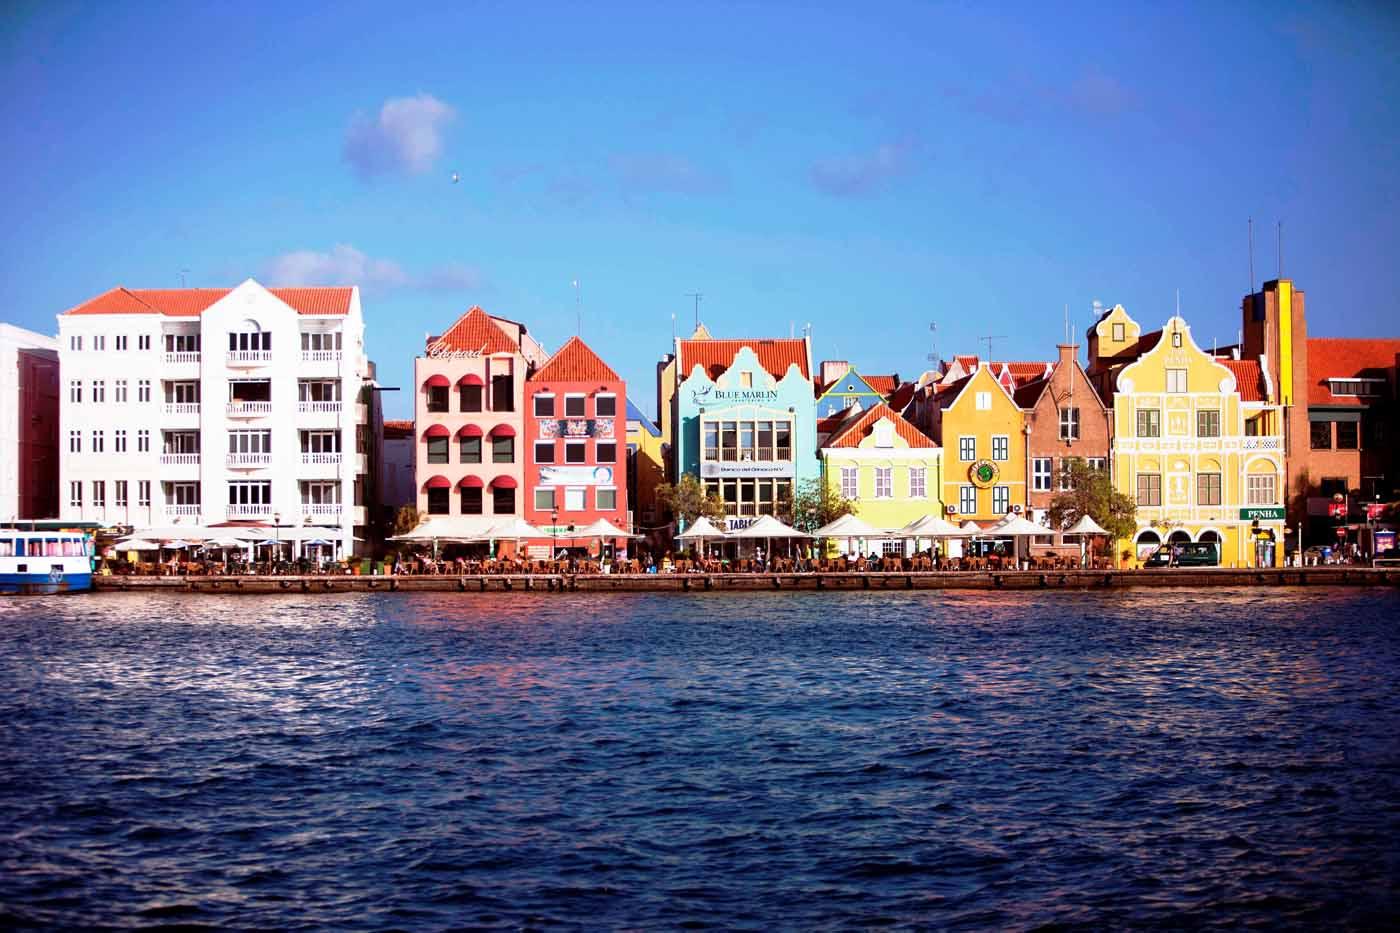 Arquitectura_holandesa_en_el_caribe_000